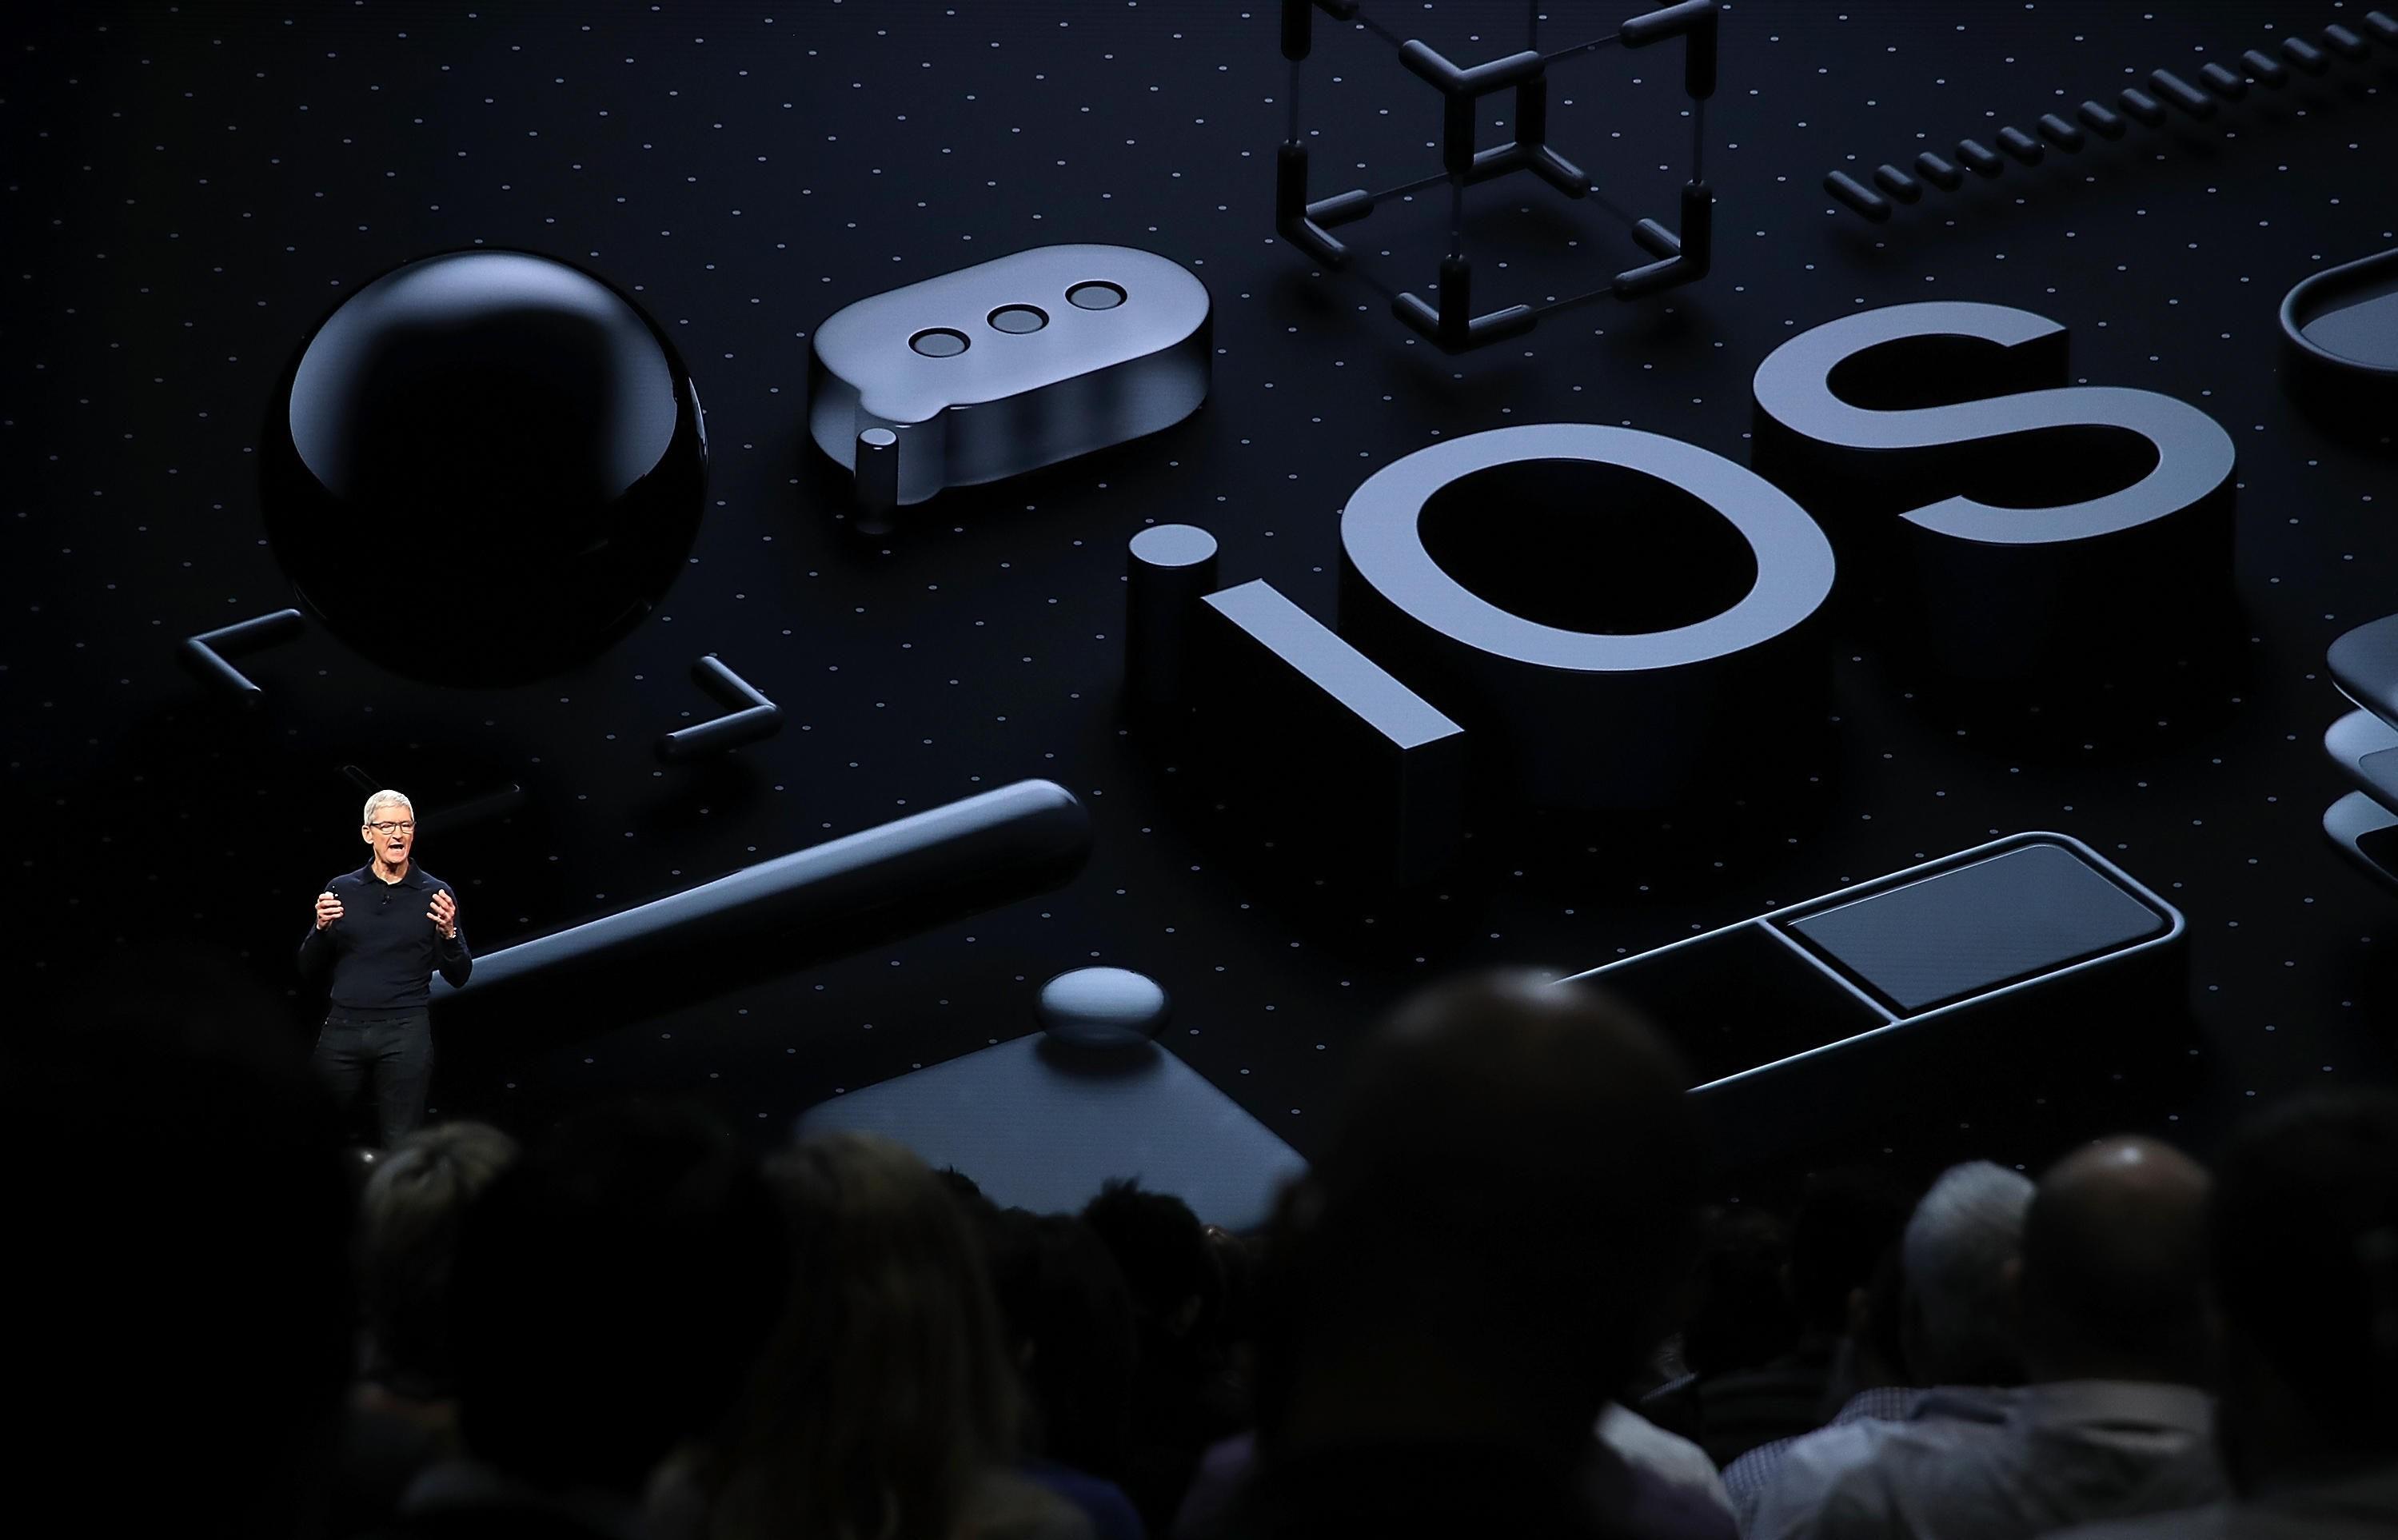 WWDC 2018: Apple sparker i gang tekno- og utviklermessen WWDC mandag klokken 19.00 norsk tid. Det er forventet at applesjef Tim Cook vil avduke de største nyhetene i Apples neste operativsystem iOS 12 under hovedtalen mandag kveld.